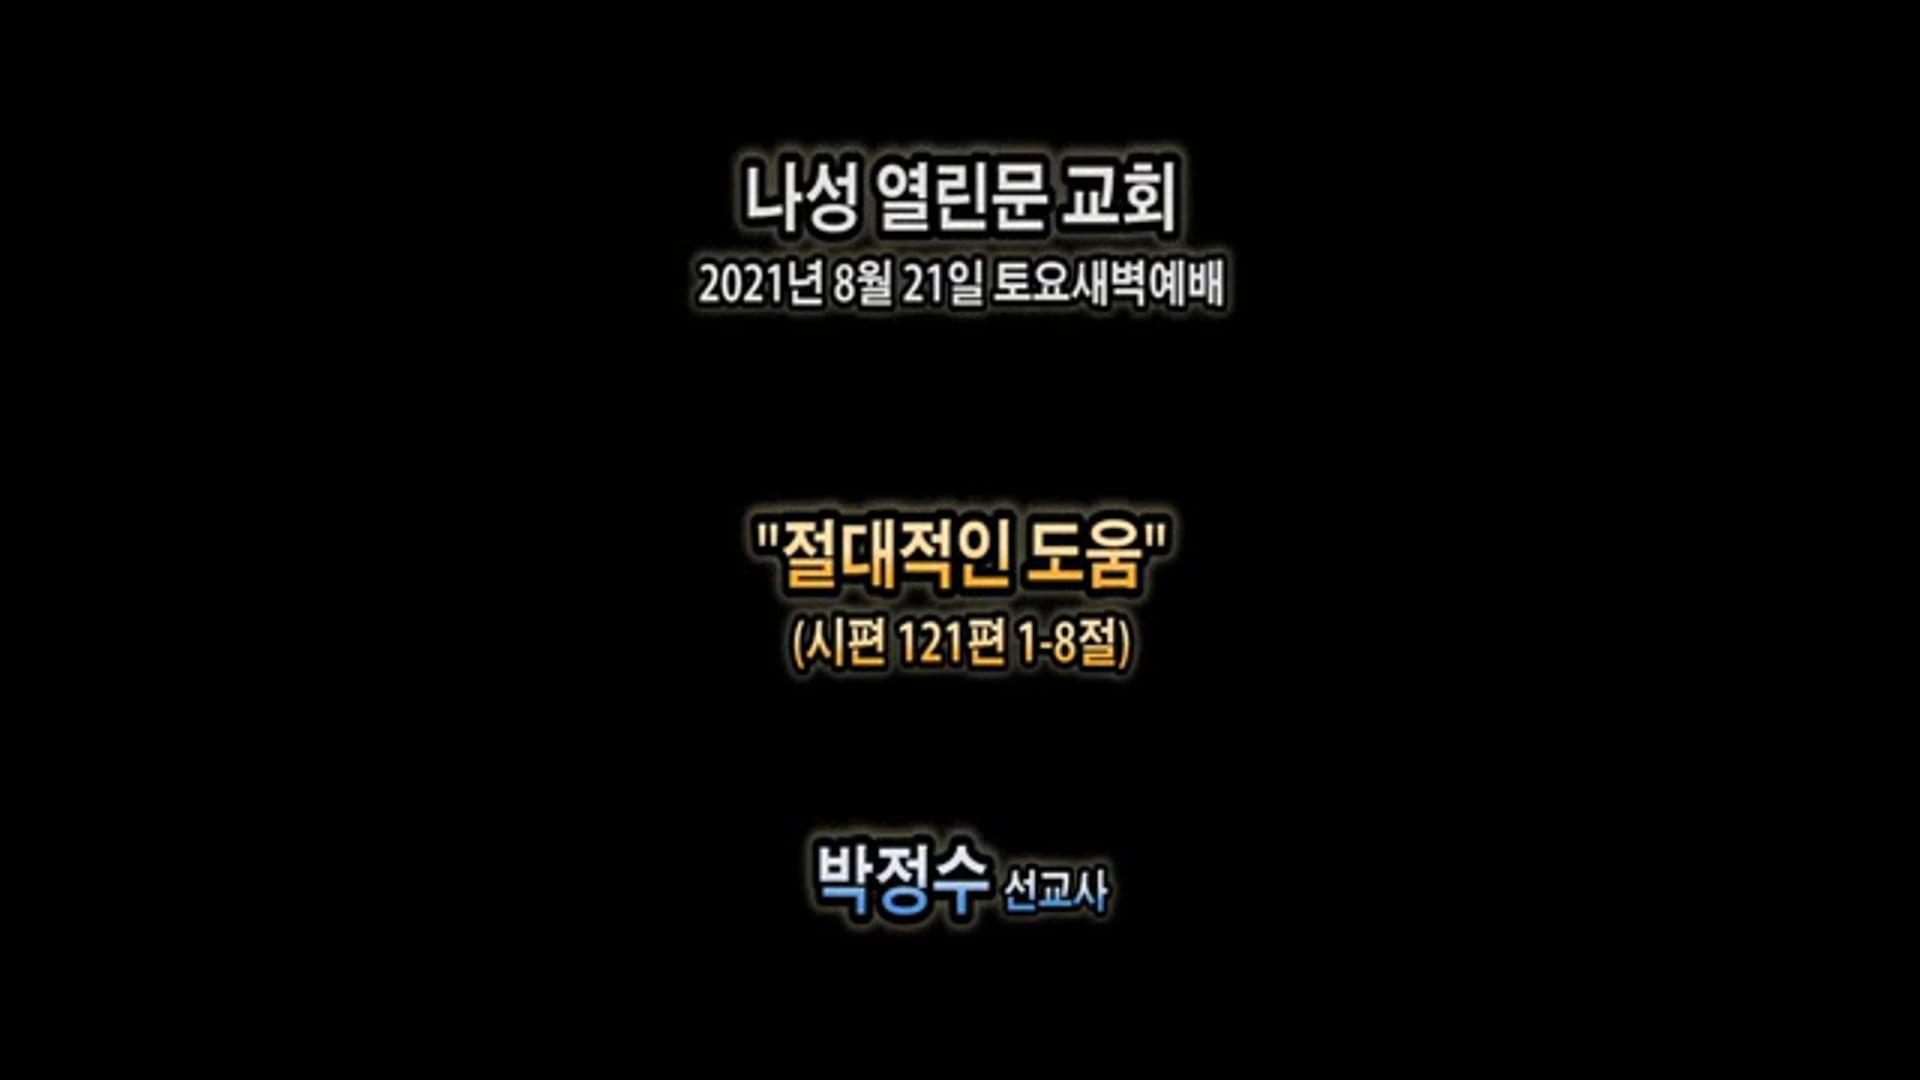 20210821 토요새벽 박정수 목사